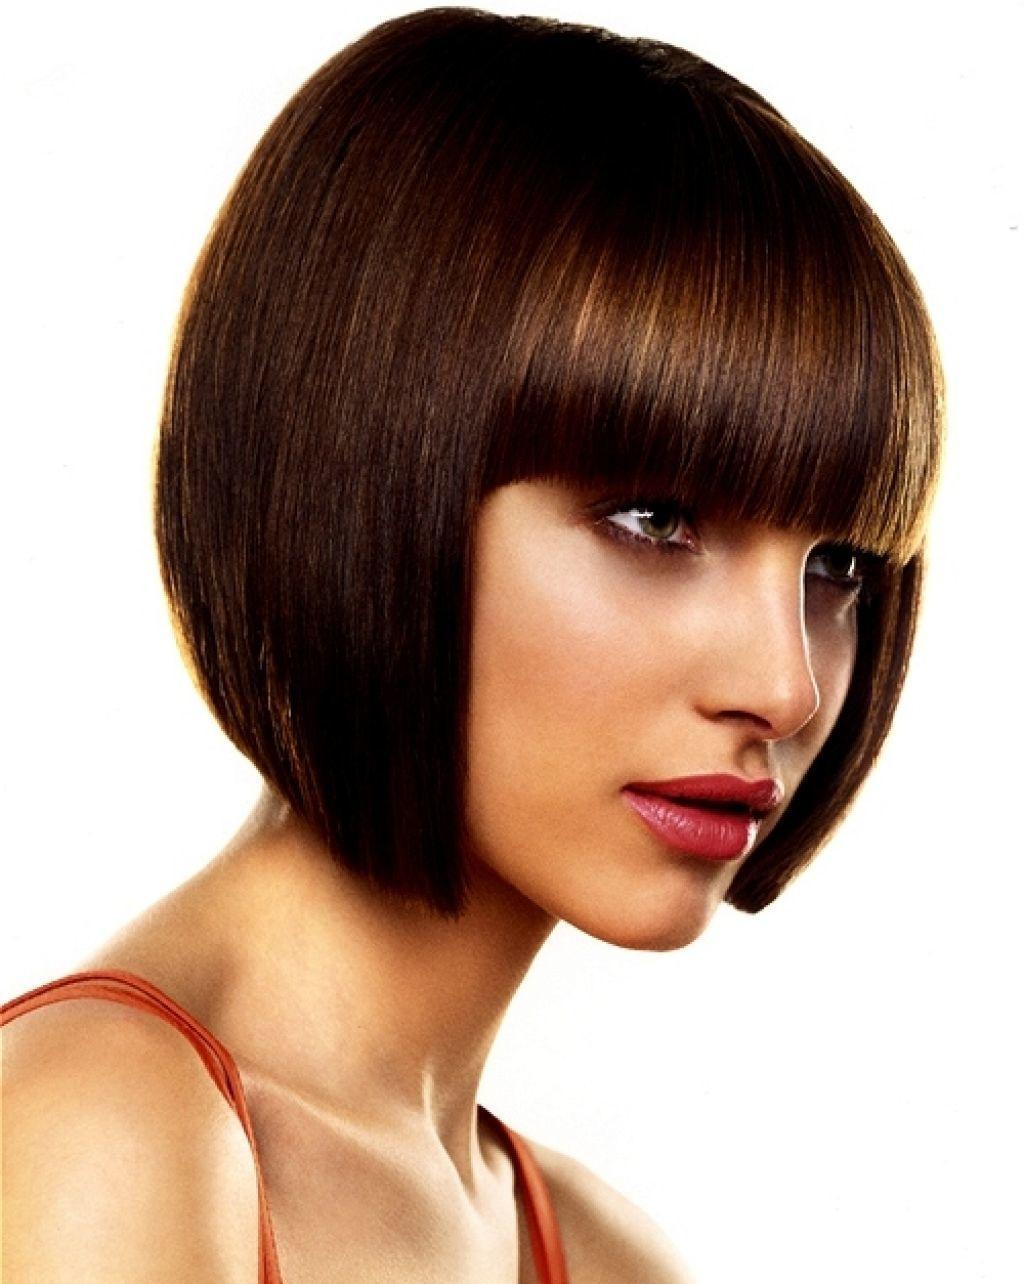 image41-8 | Модные женские стрижки на короткие волосы: основные правила и варианты исполнения